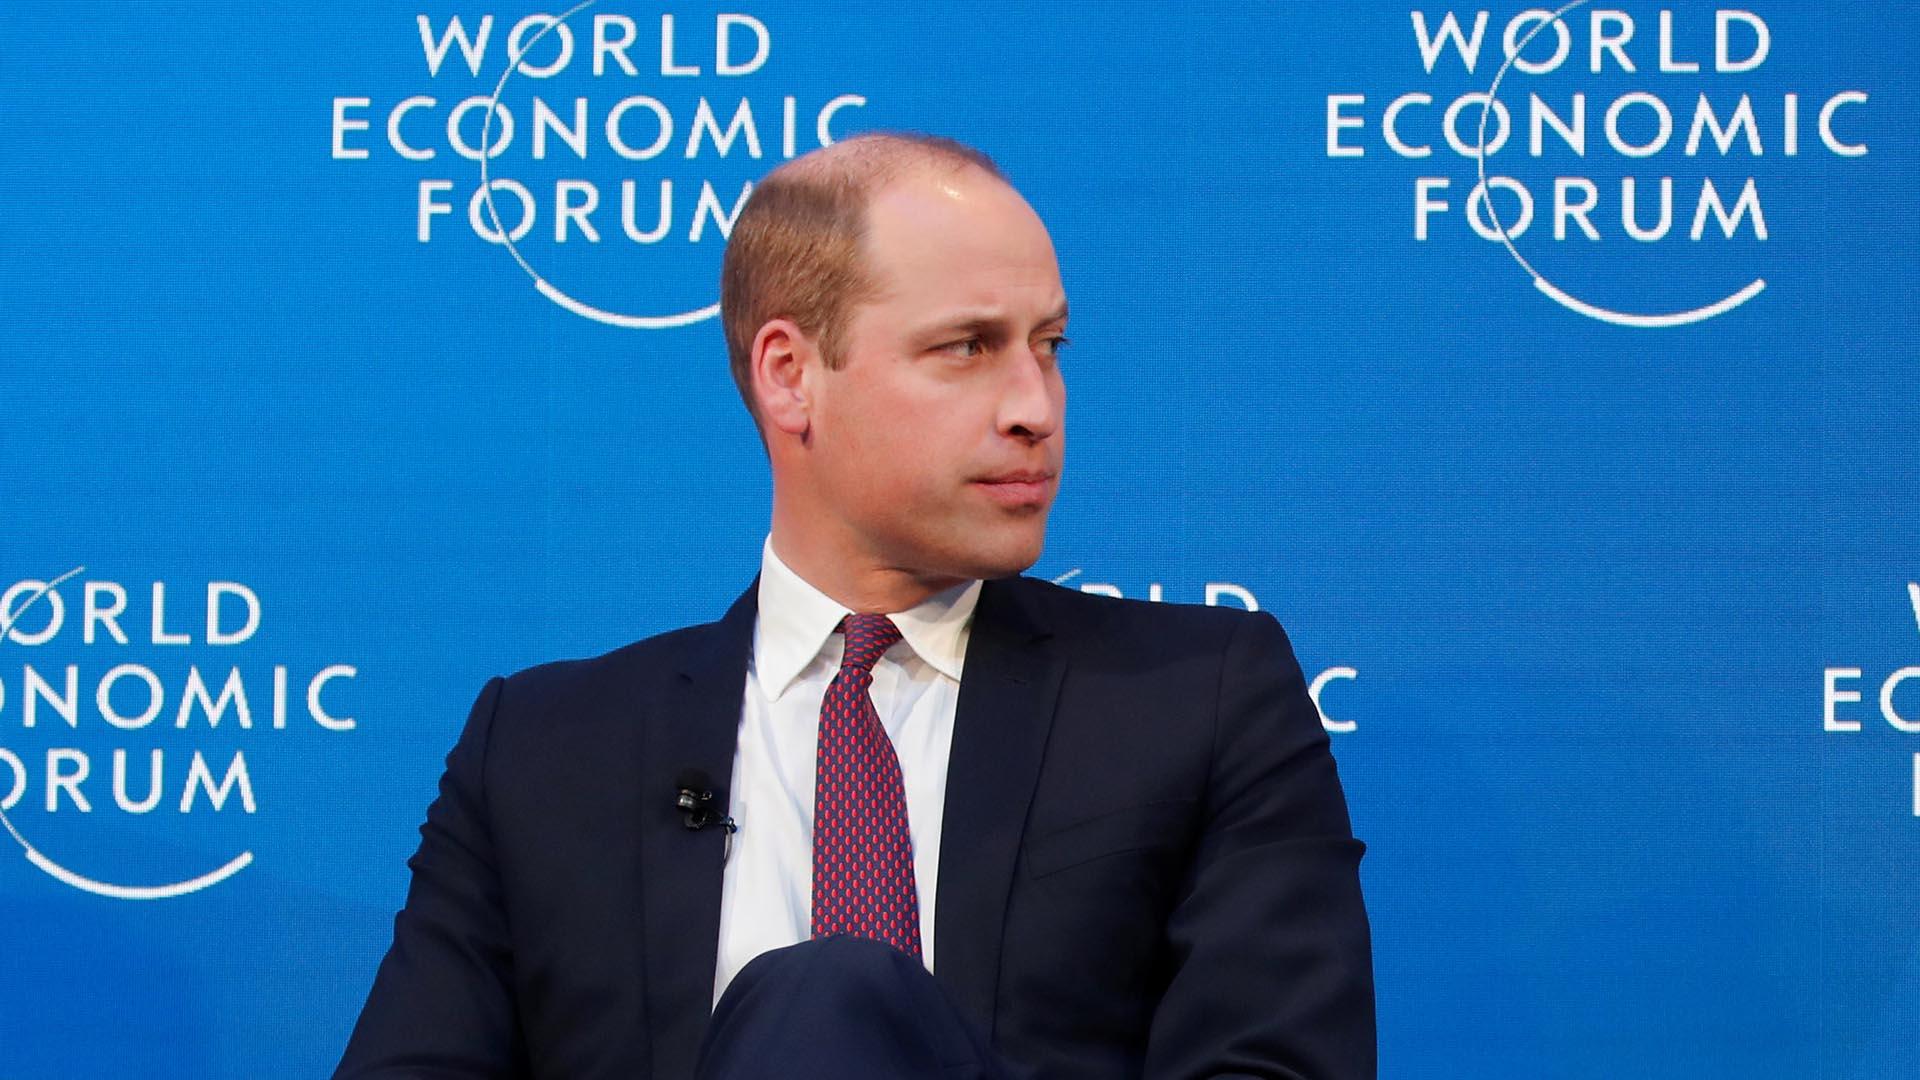 El príncipe William habló sobre su salud mental en el Foro de Davos (REUTERS/Arnd Wiegmann)